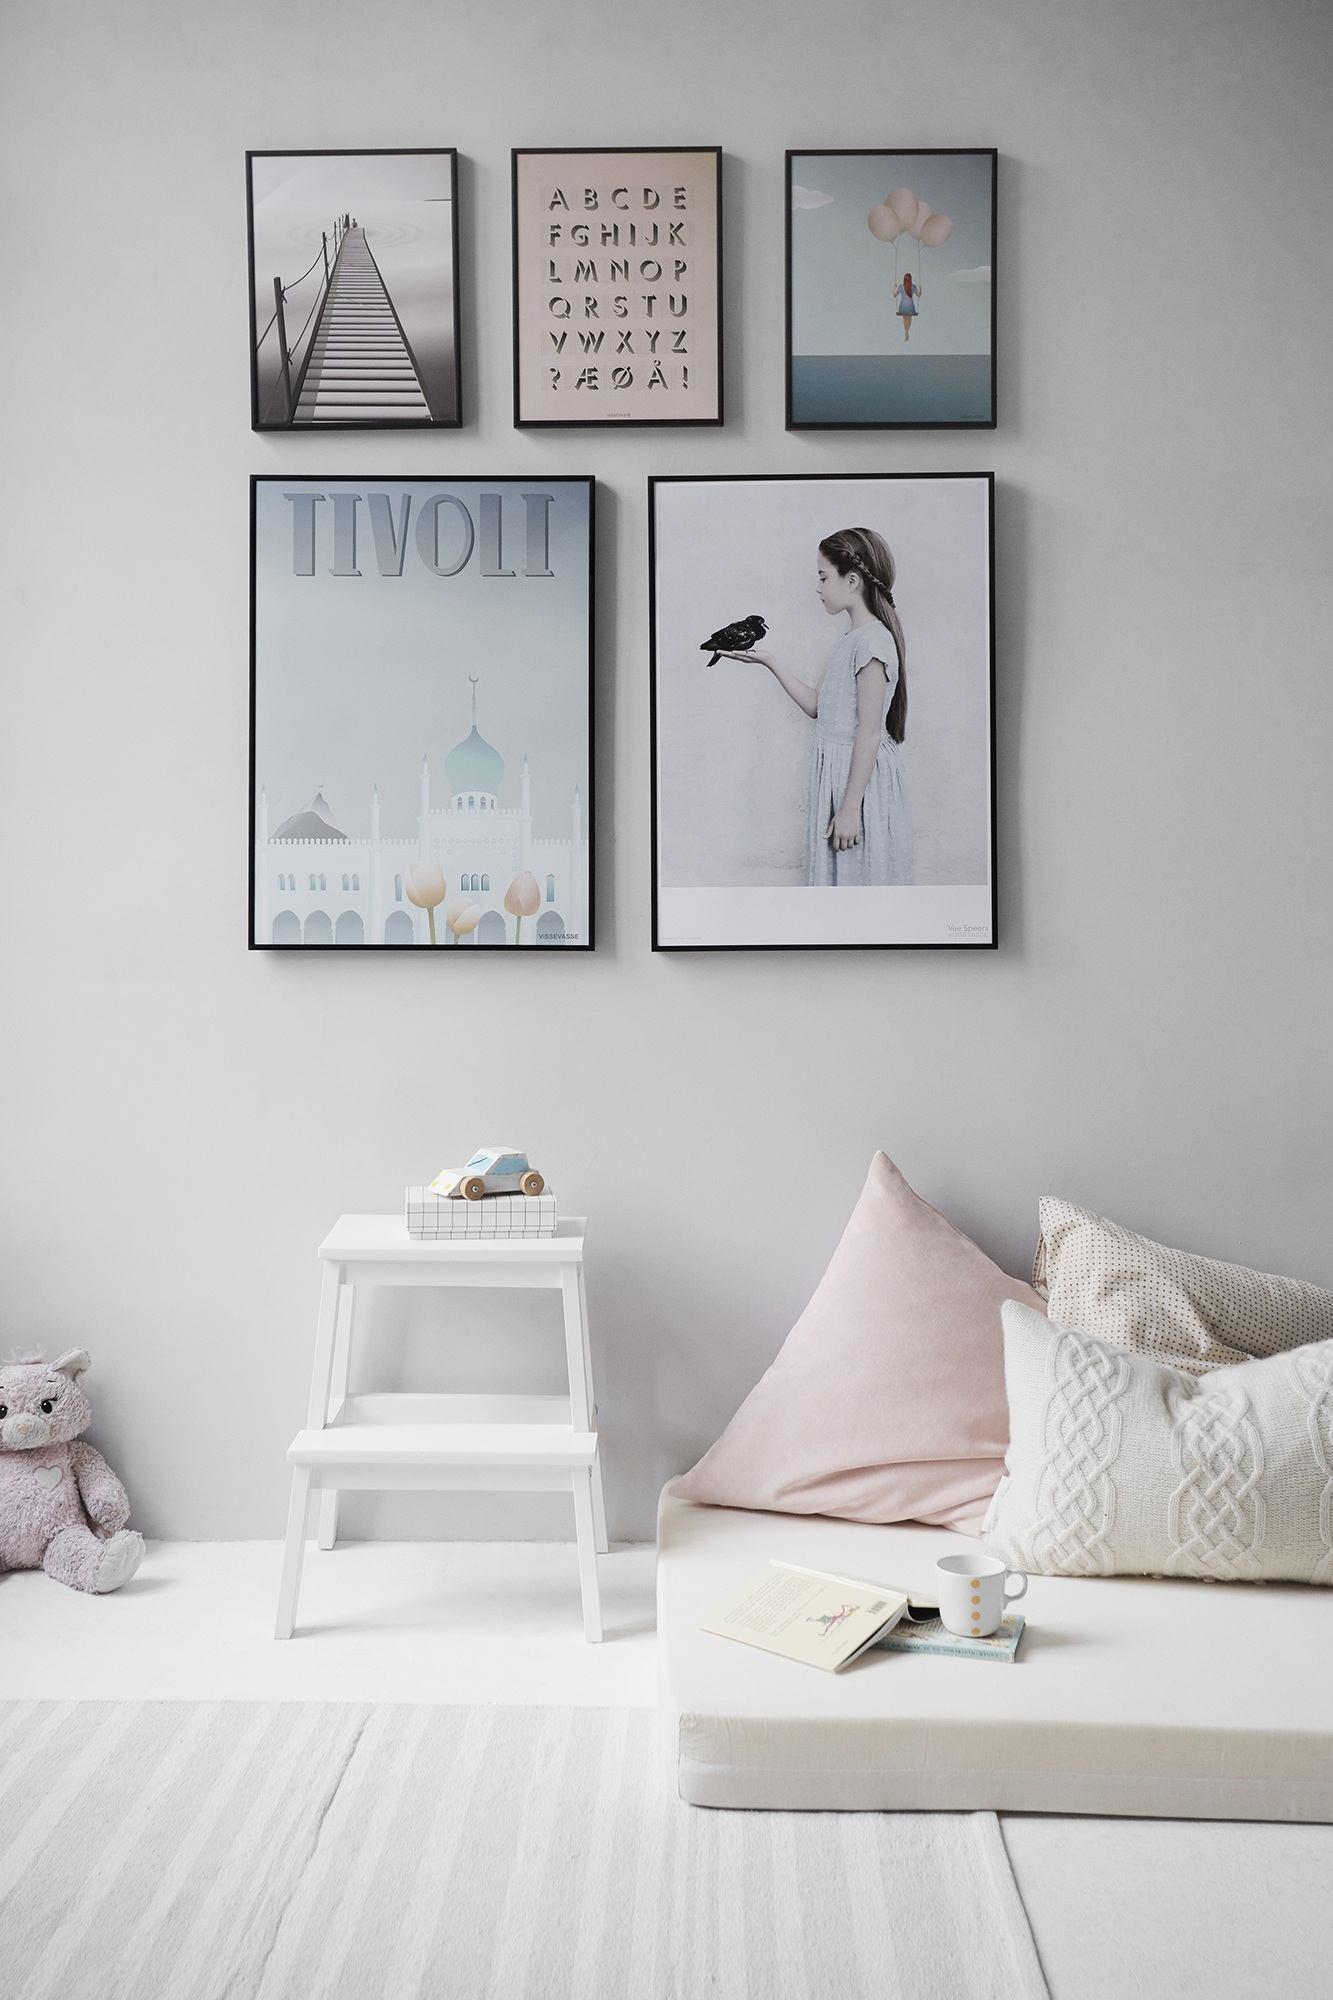 Affischer ger liv på väggarna